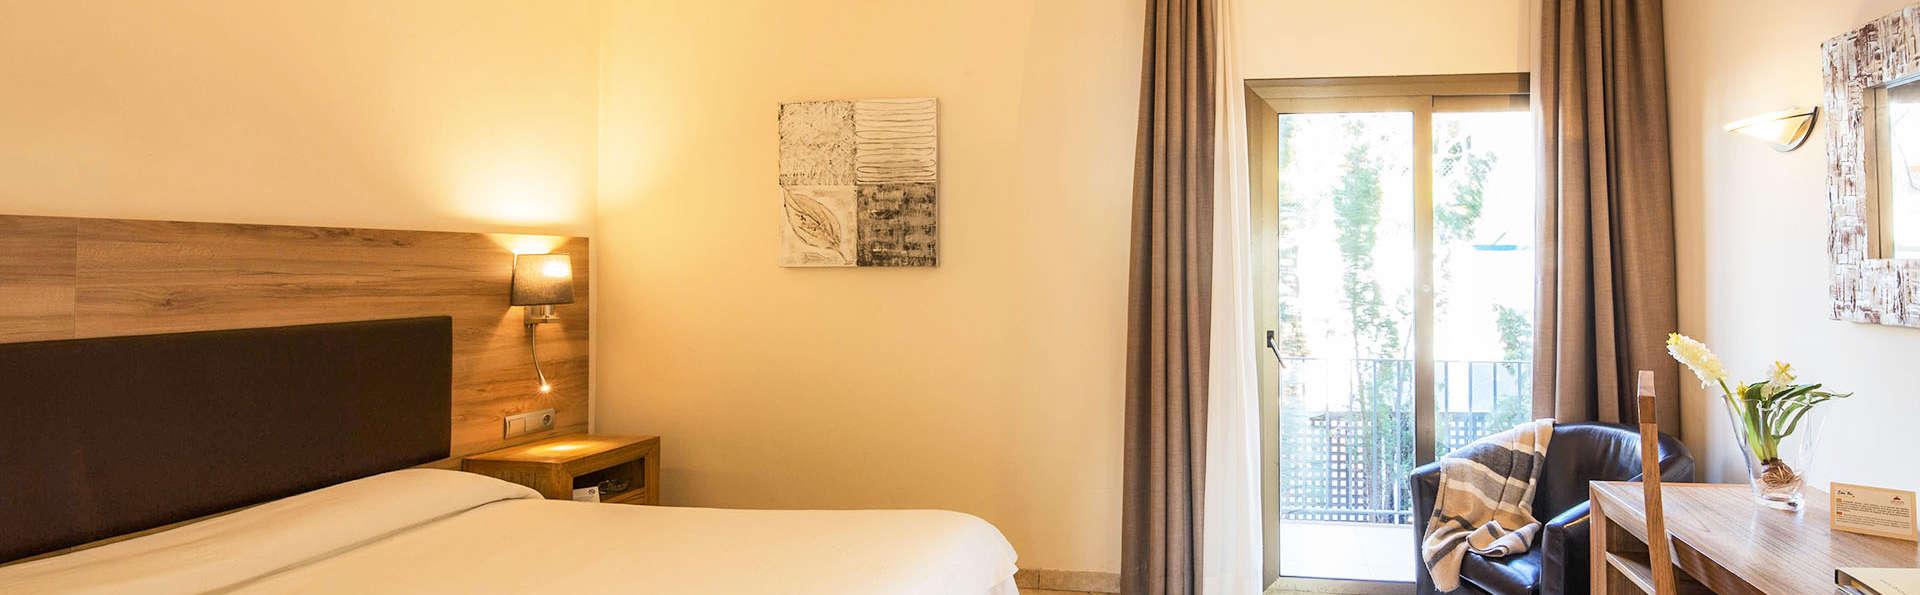 Offre exclusive : gastronomie, détente et apéritif sur la Costa Brava !